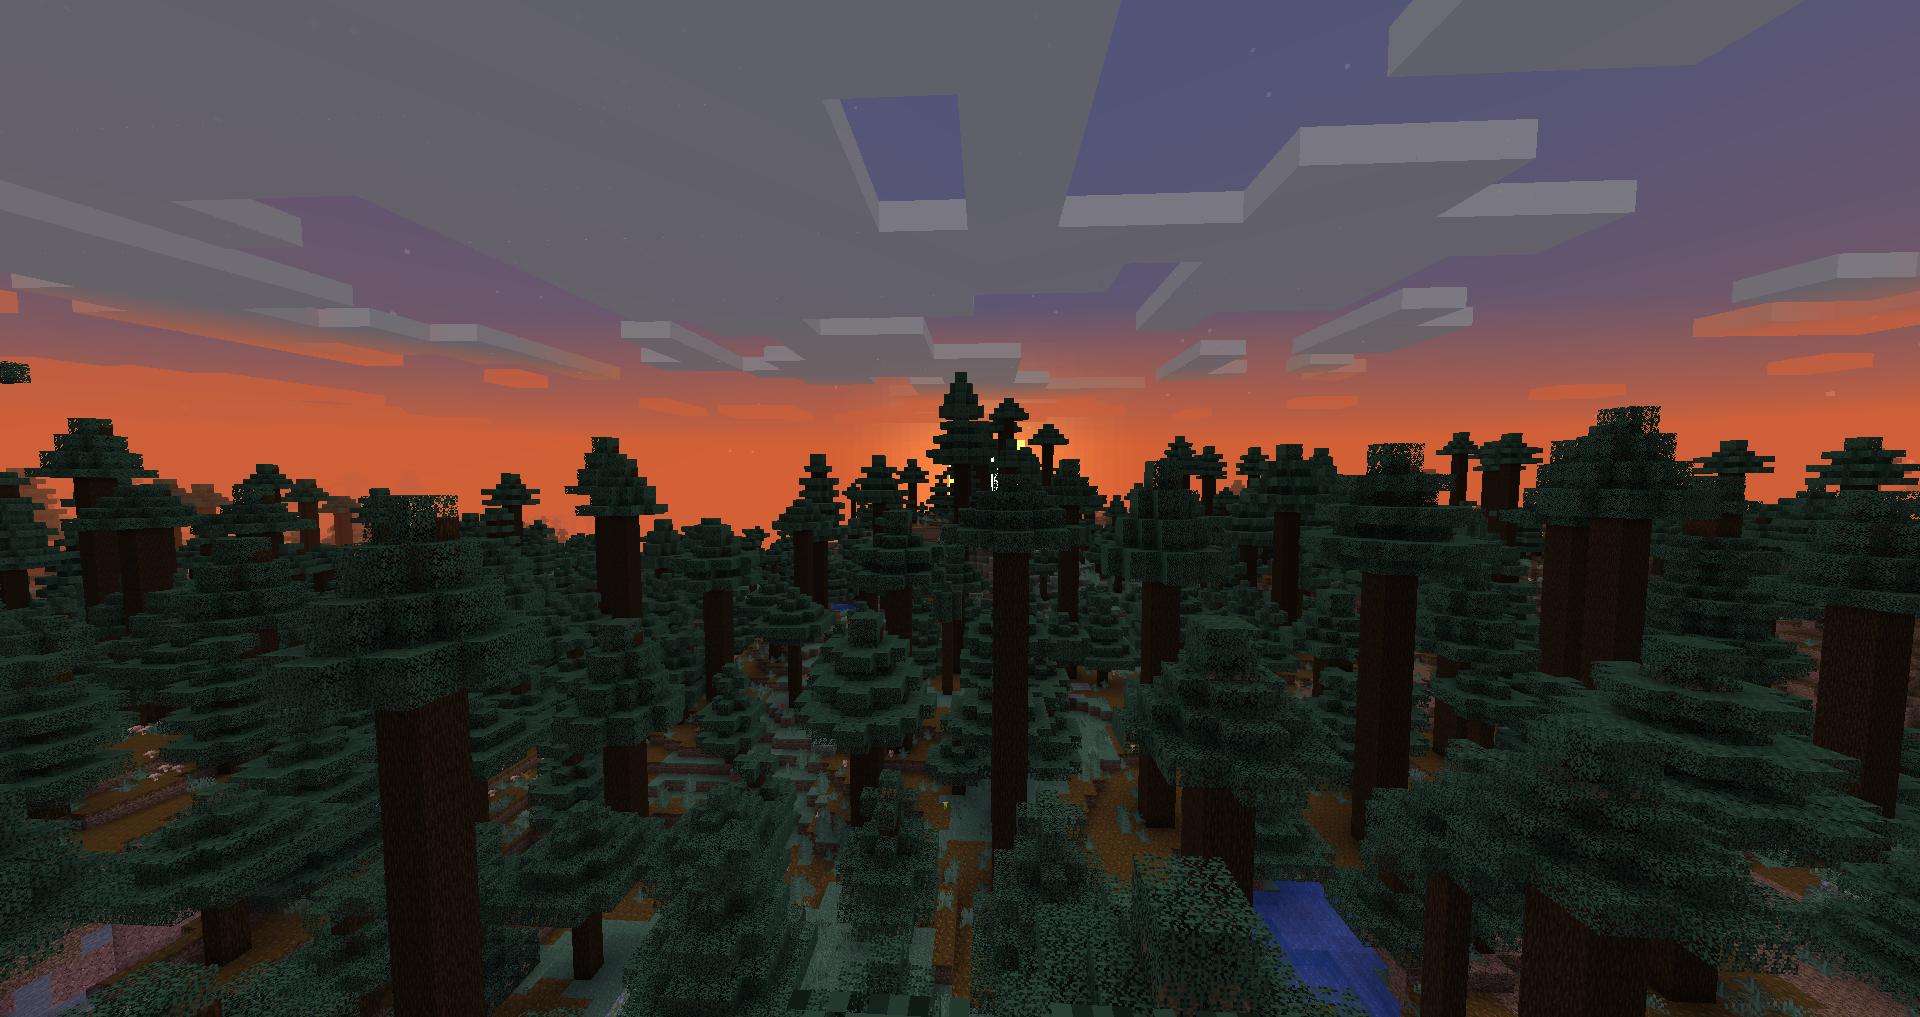 Uma foto de um pôr do sol sobre uma floresta de taiga no Minecraft moderno.